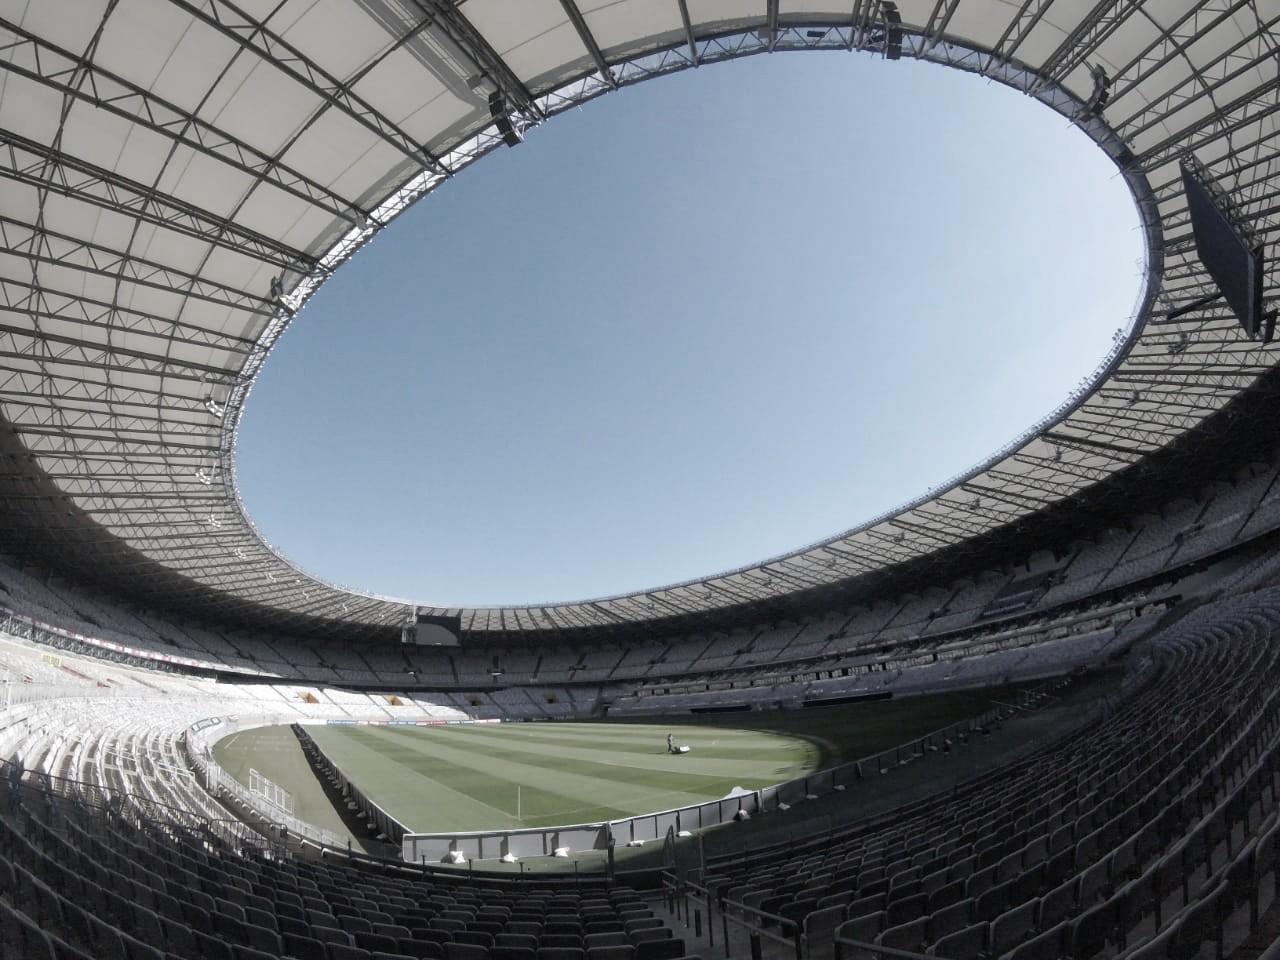 FMF cancela final do Troféu Inconfidência entre Cruzeiro e Uberlândia por casos de Covid-19